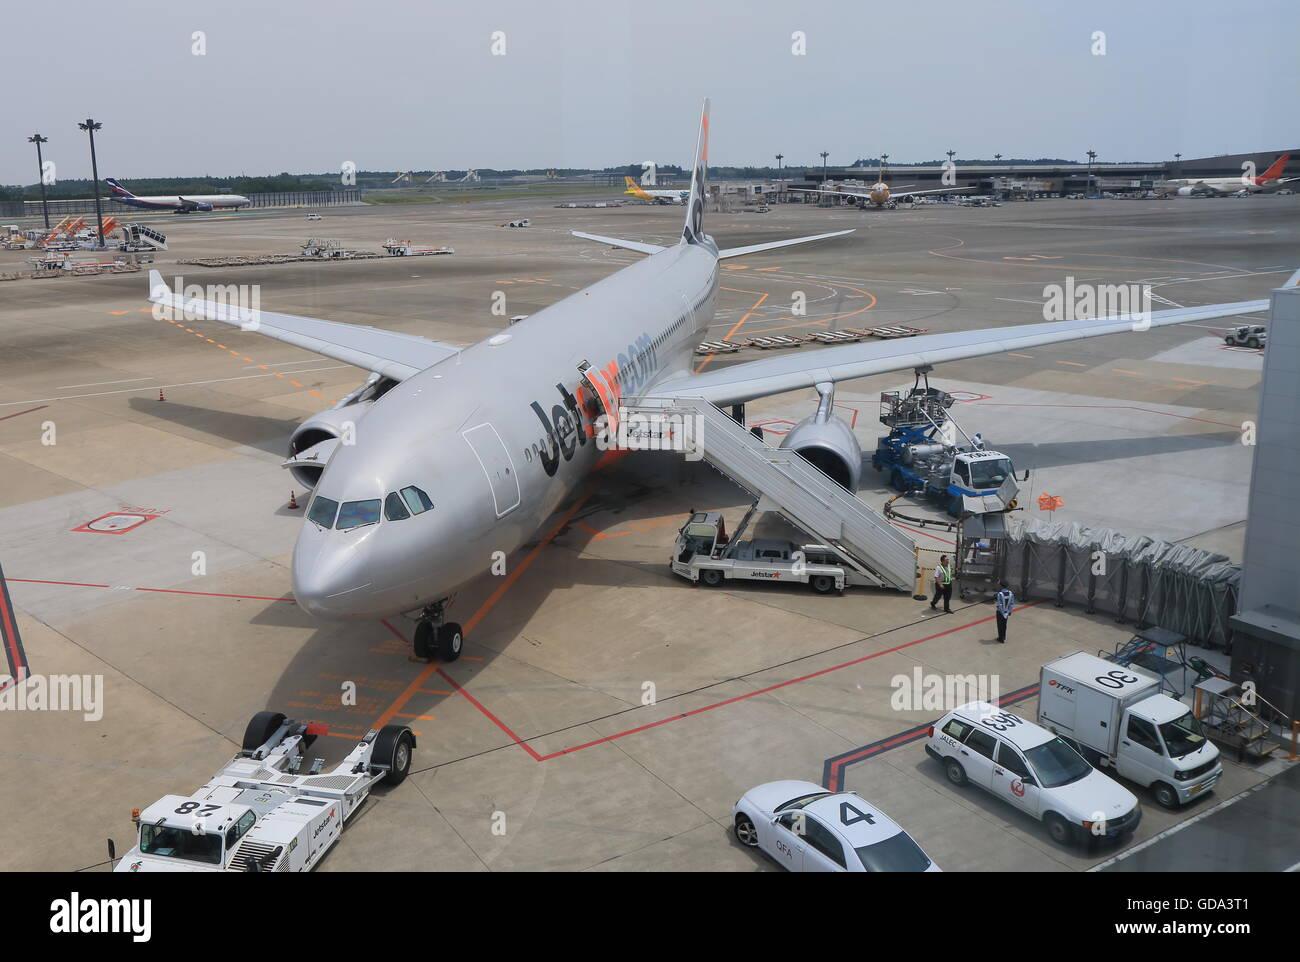 Jetstar airplane prepares for departure at Narita airport in Tokyo Japan. - Stock Image